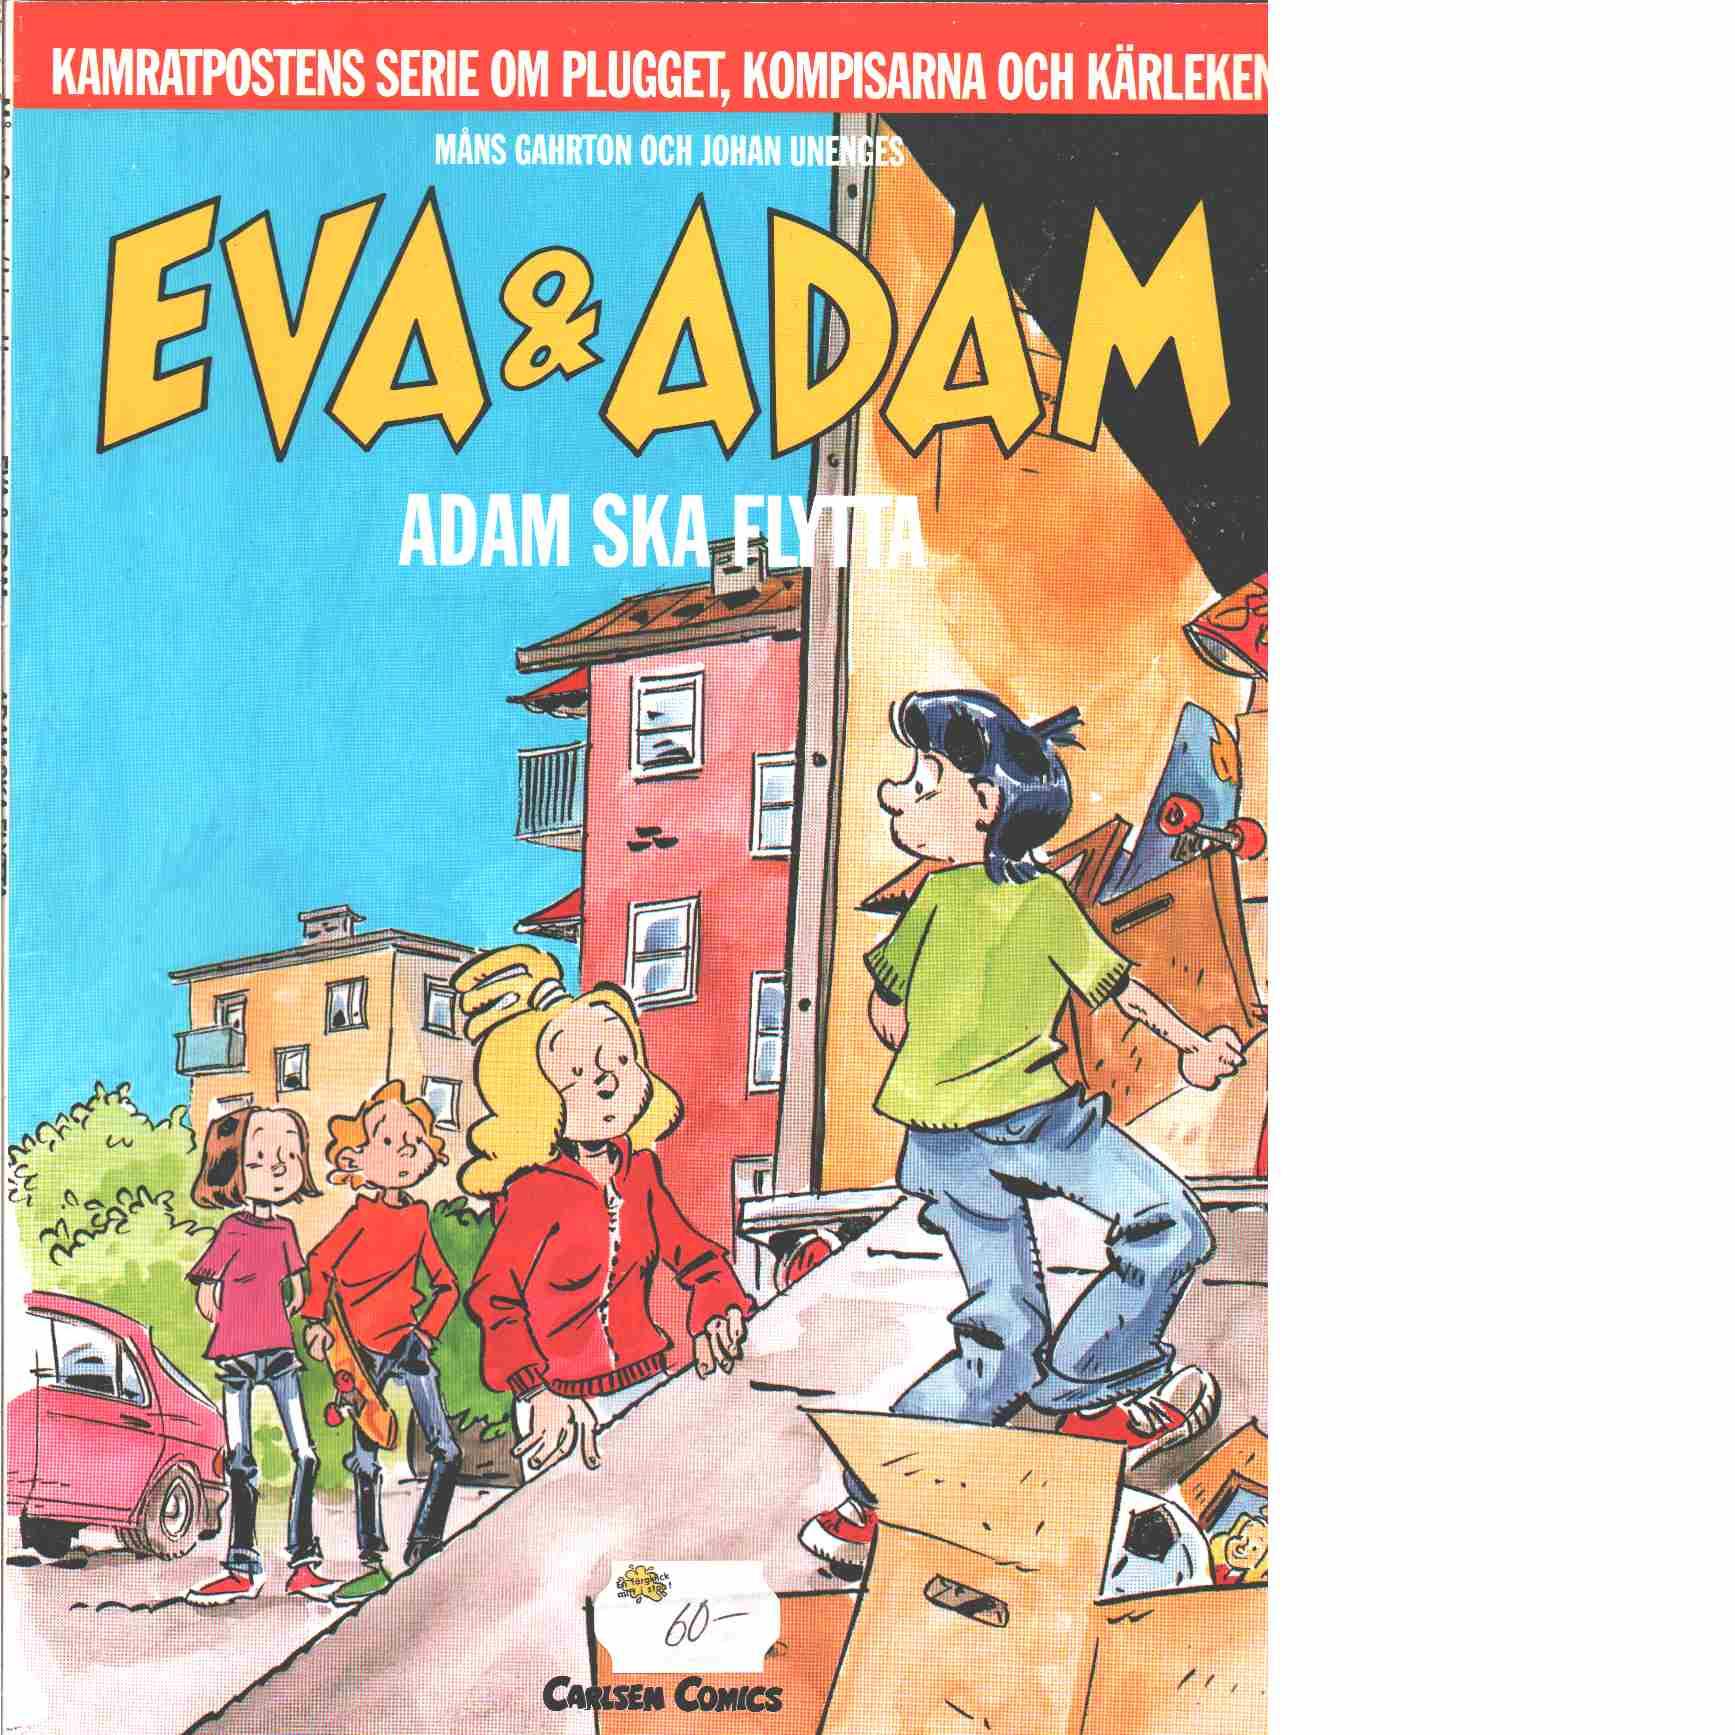 Eva & Adam  Adam ska flytta - Gahrton, Måns och Unenge, Johan